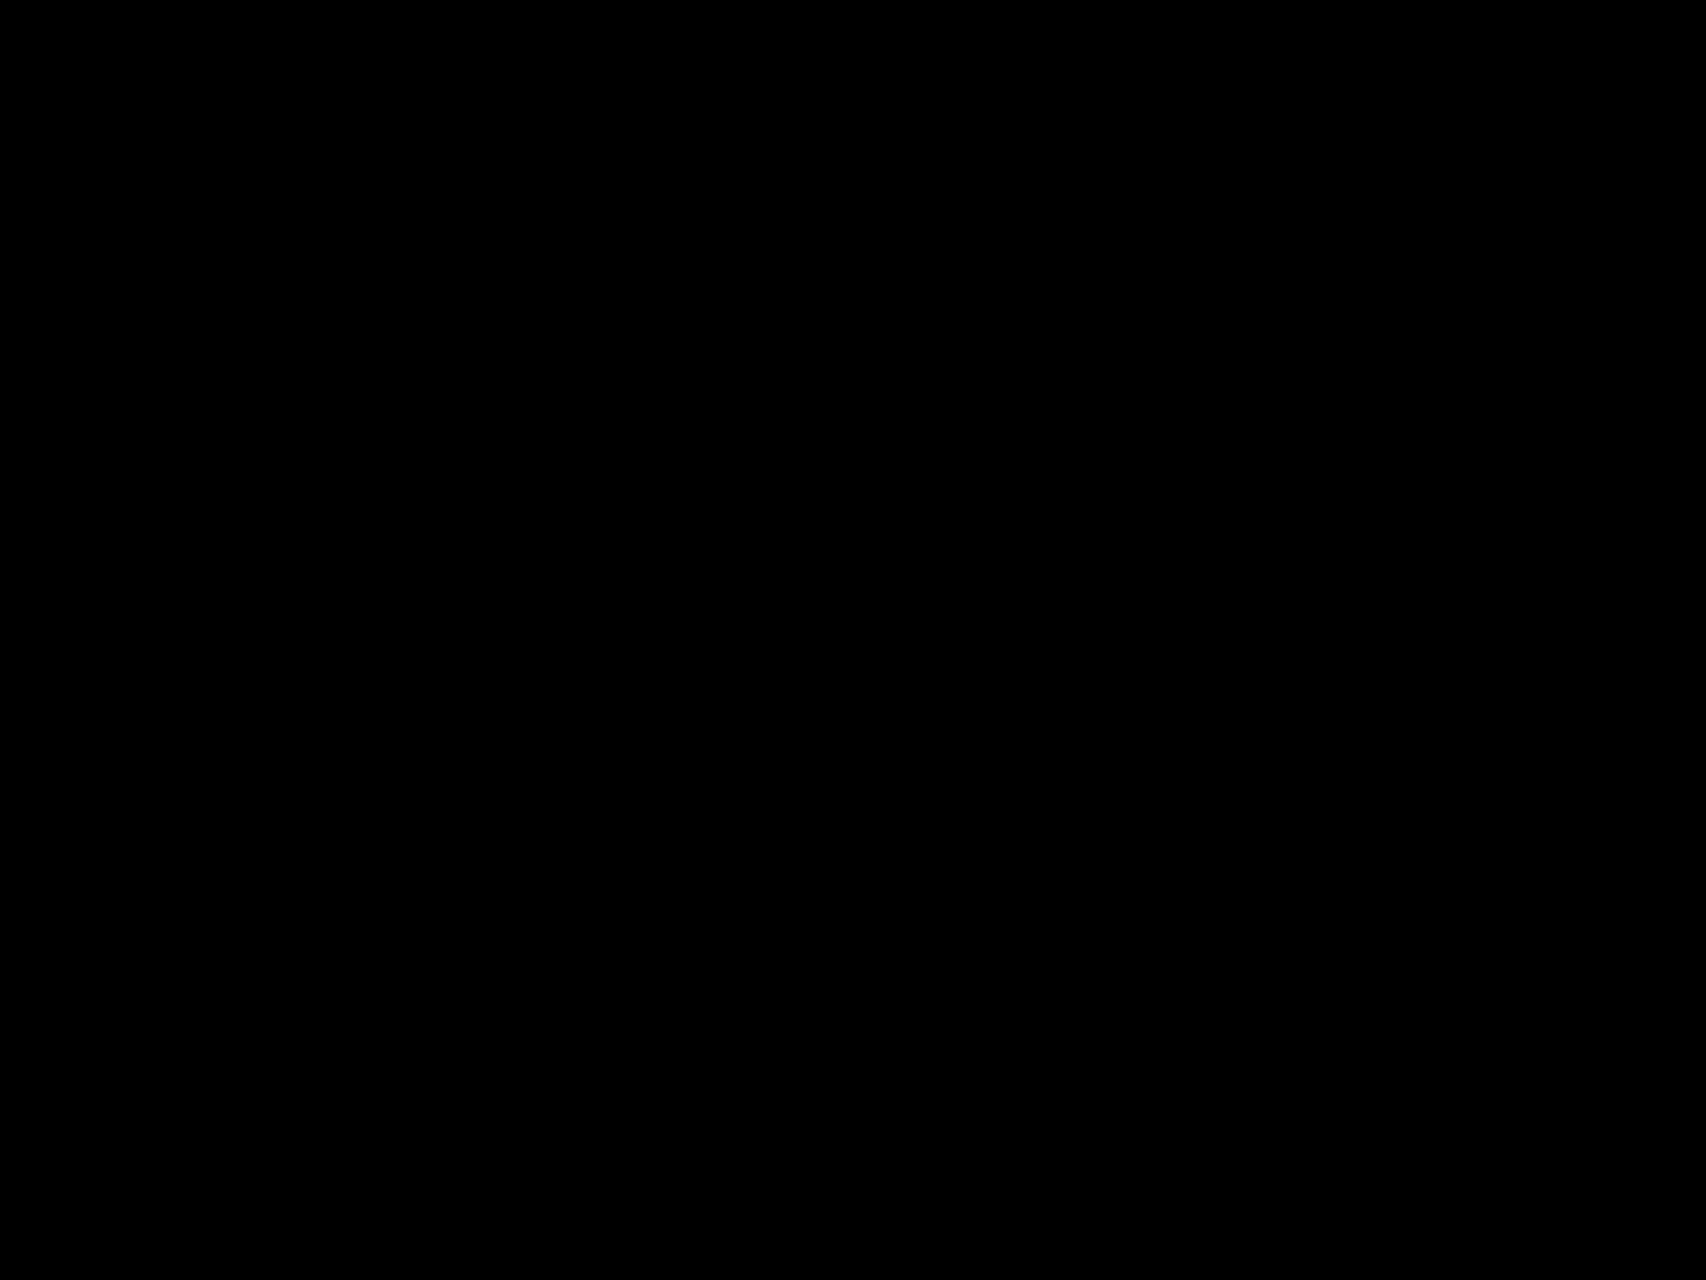 11554_05.jpg